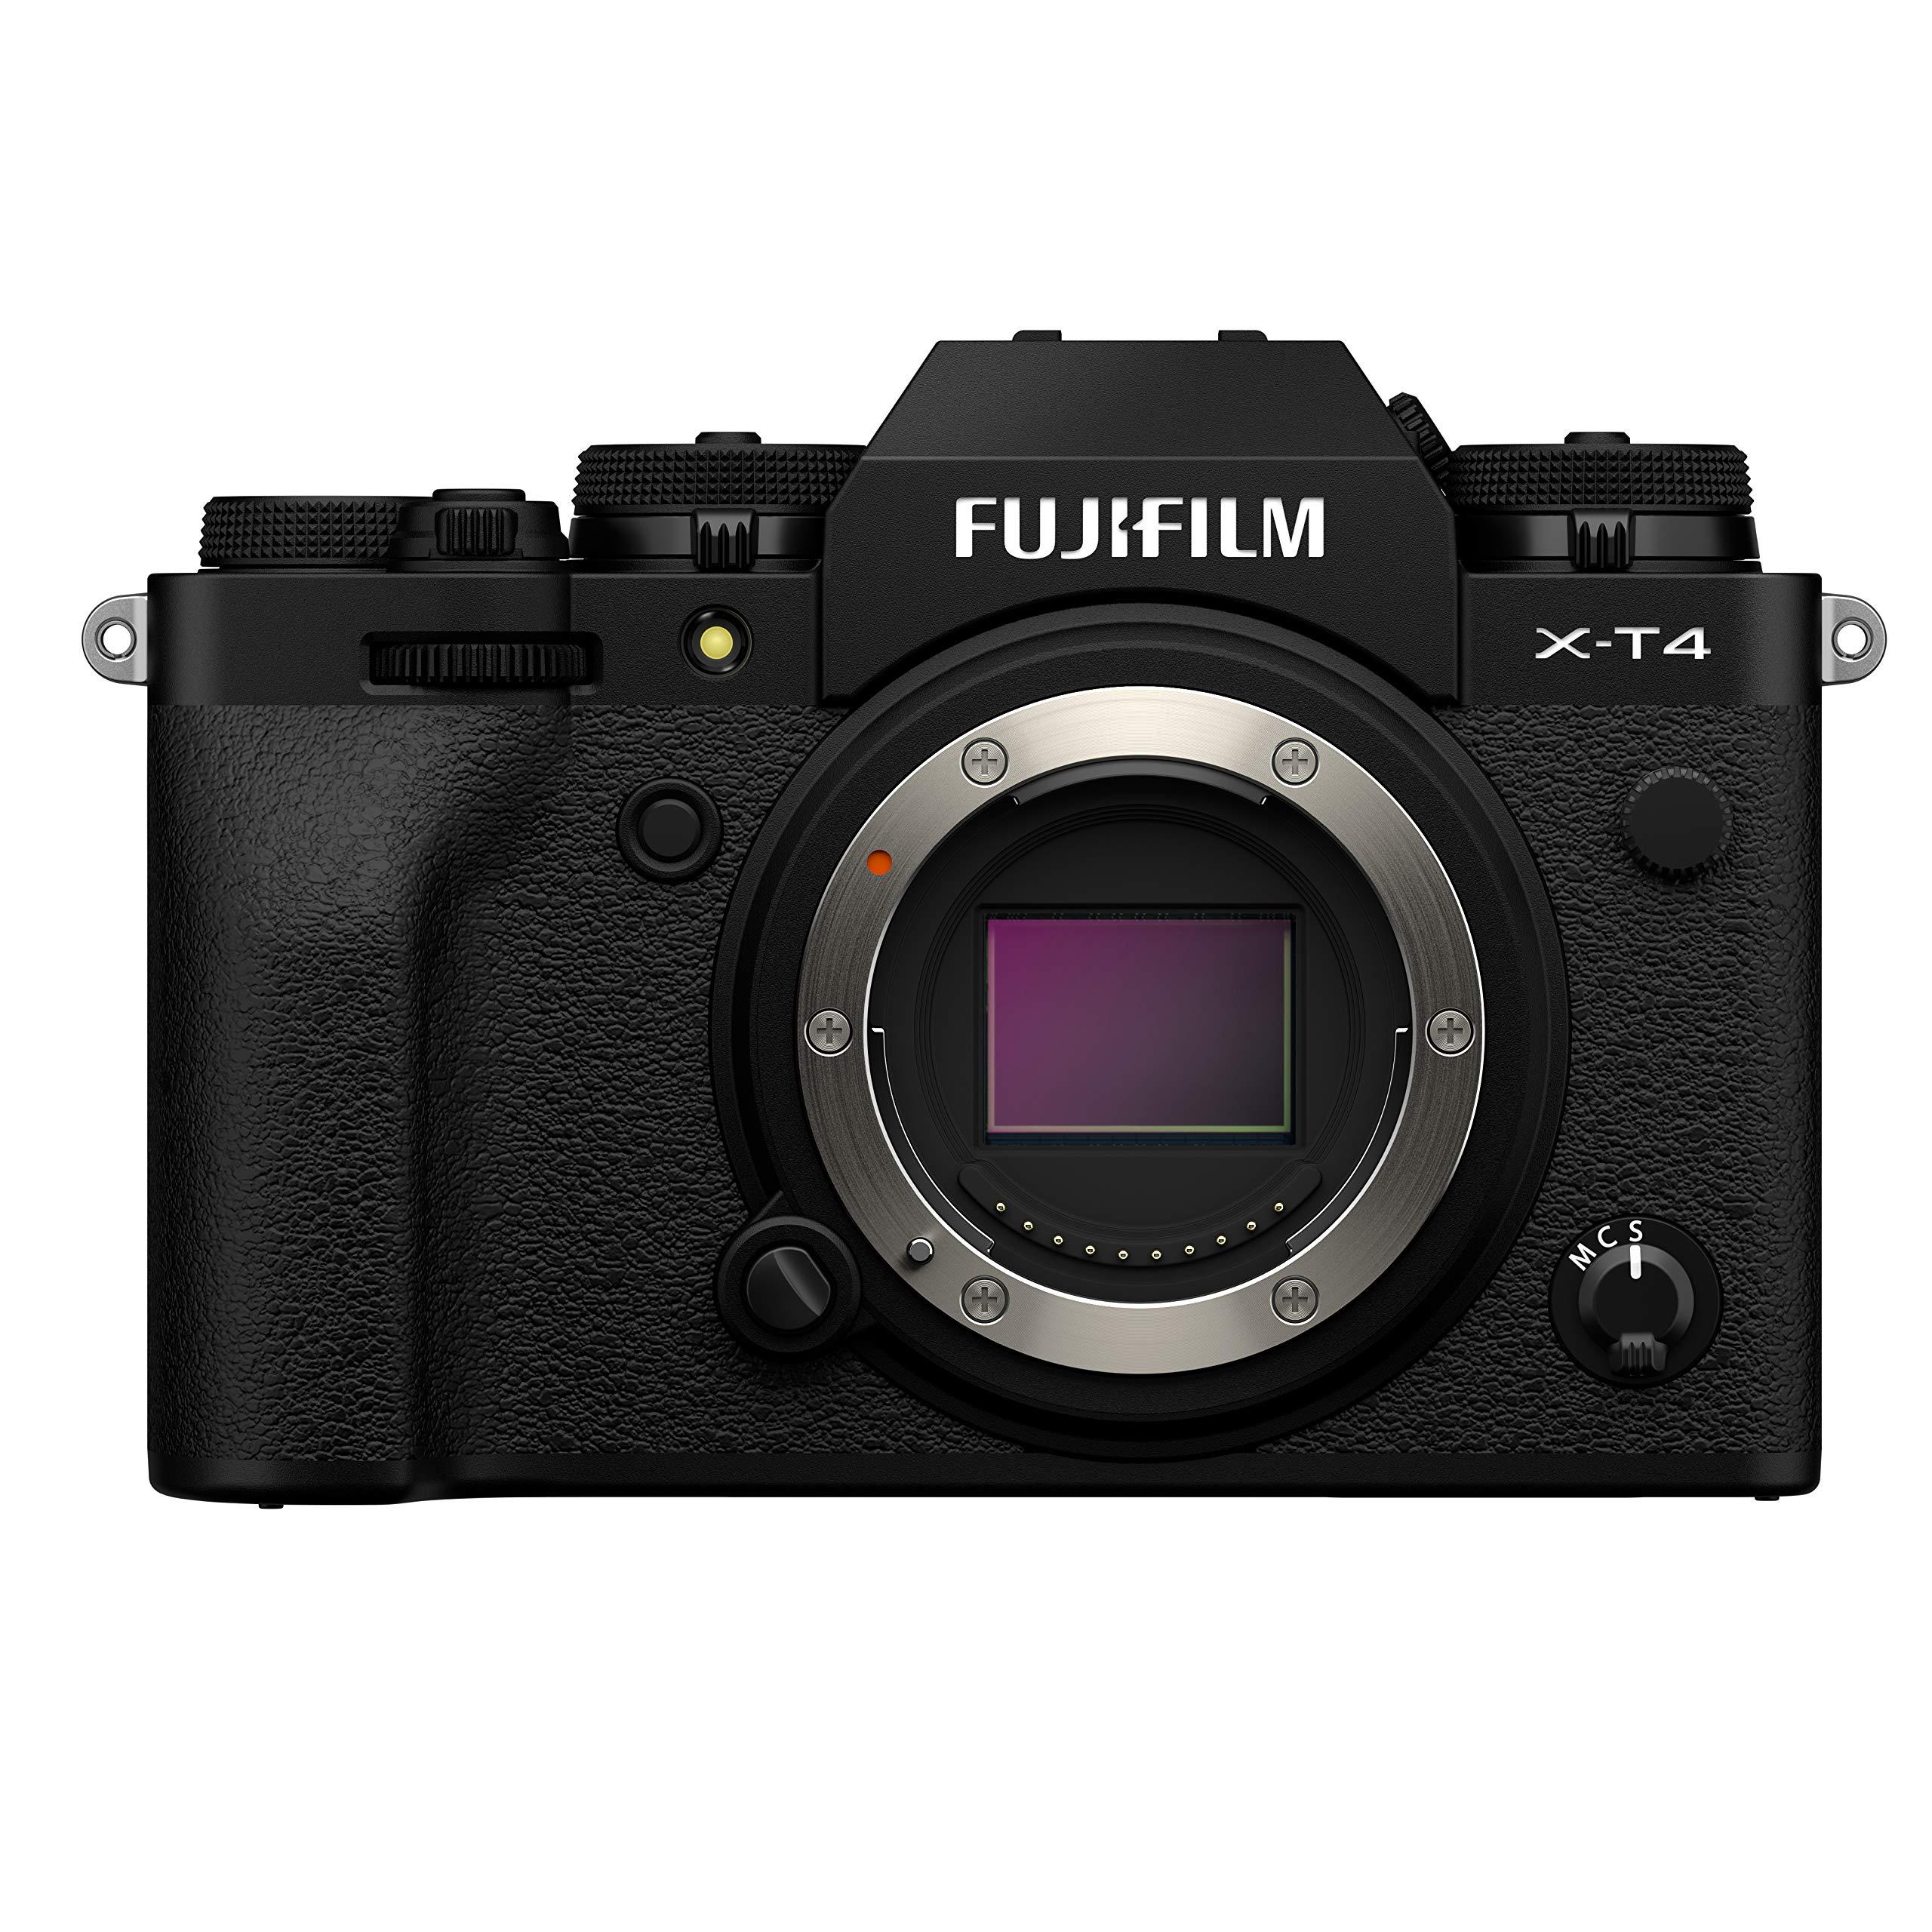 Fuji X-T4 für 1501,84€ - 200€ Cashback = 1301,84€ bei Amazon